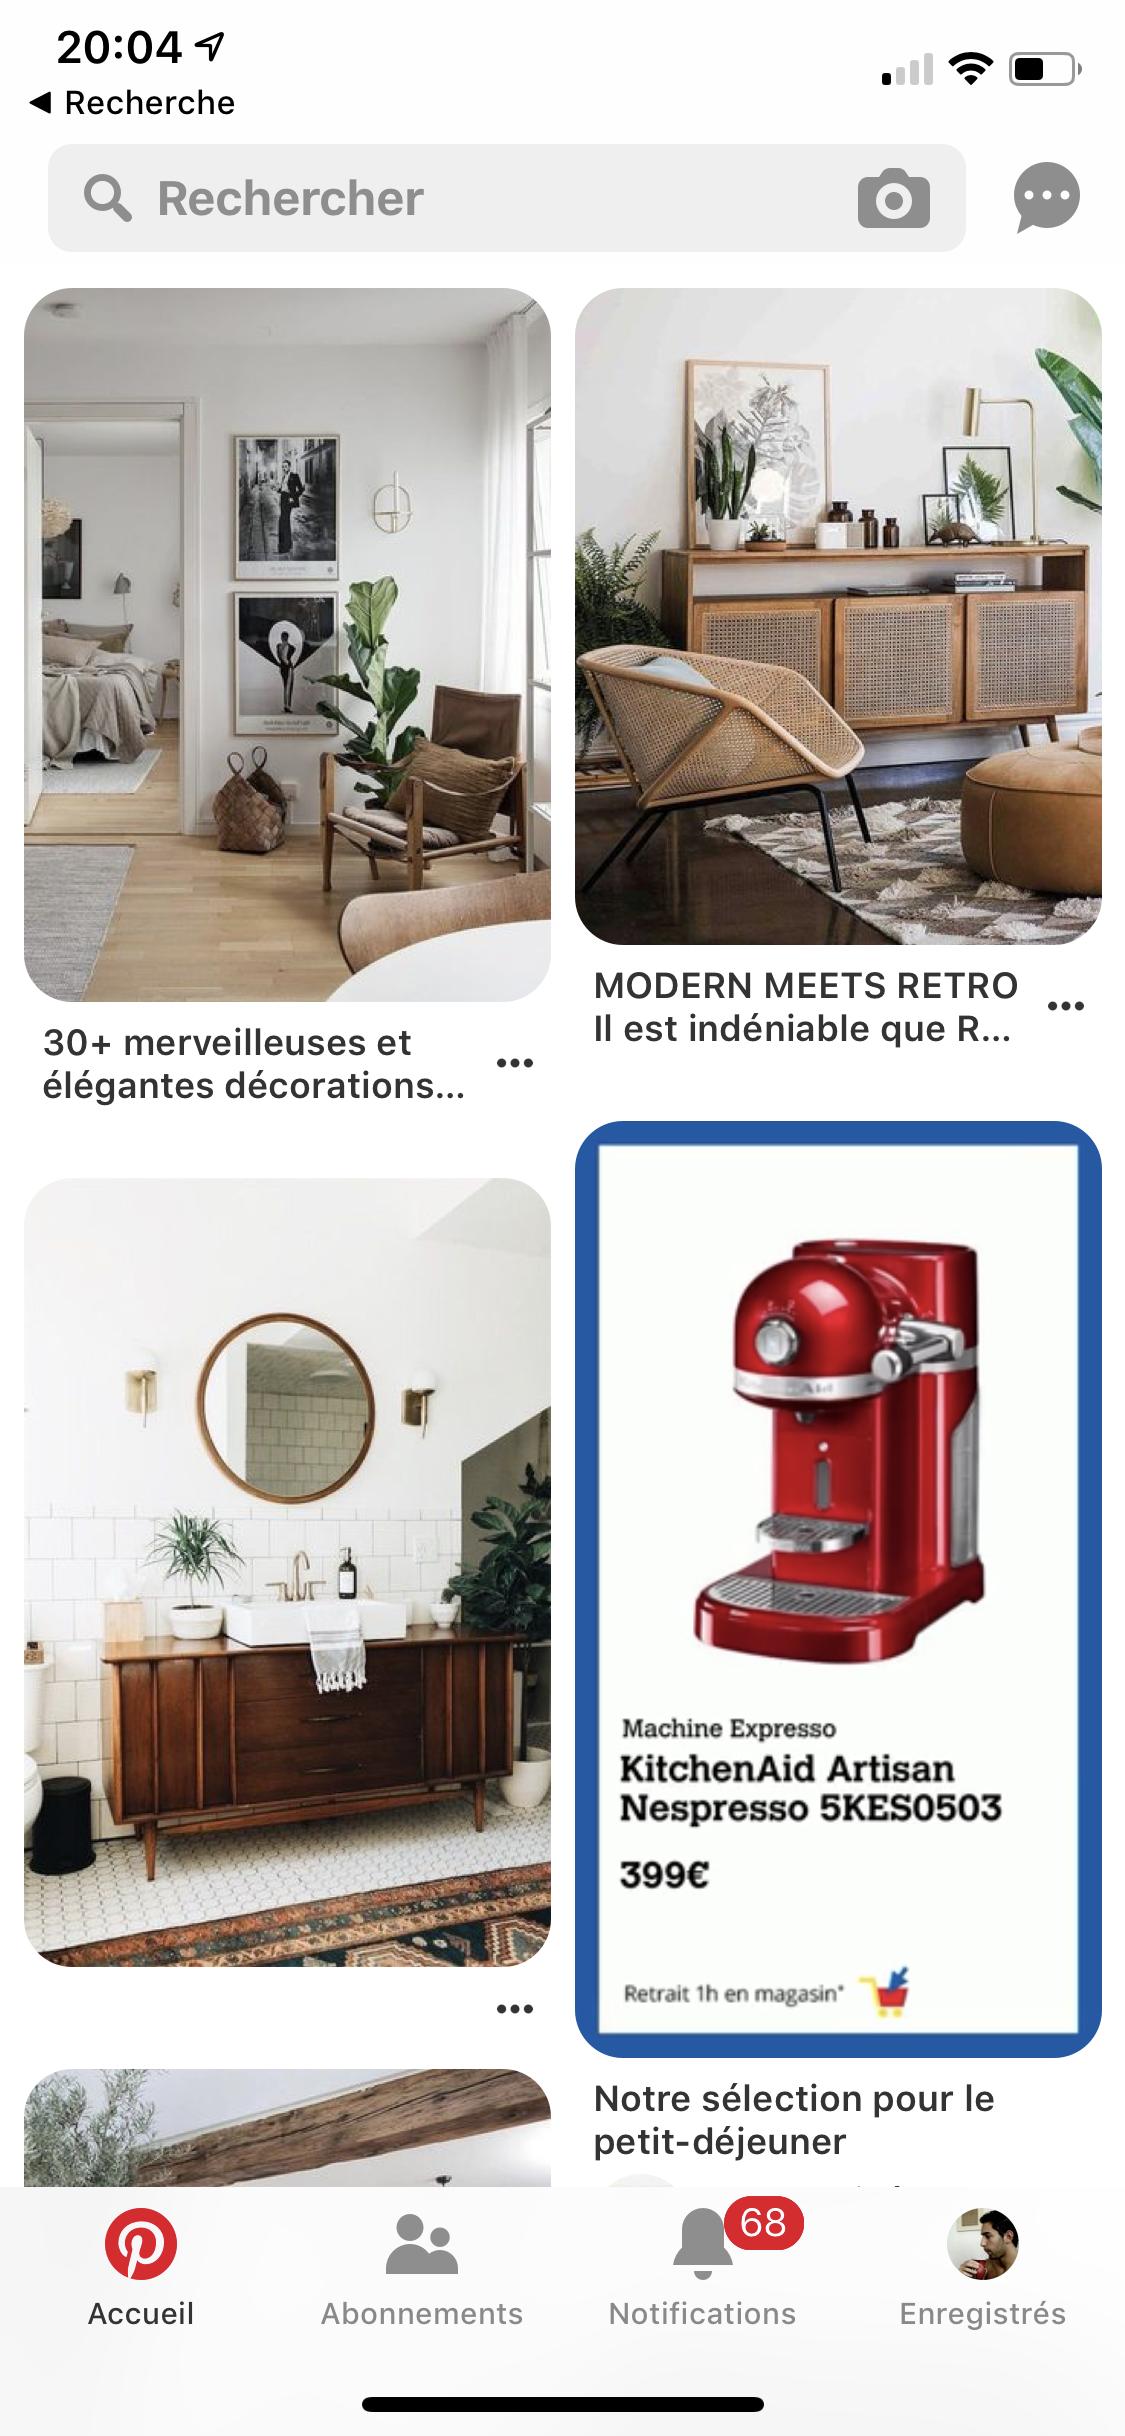 Pinterest à l'offensive pour séduire les annonceurs en France (et c'est très réussi)